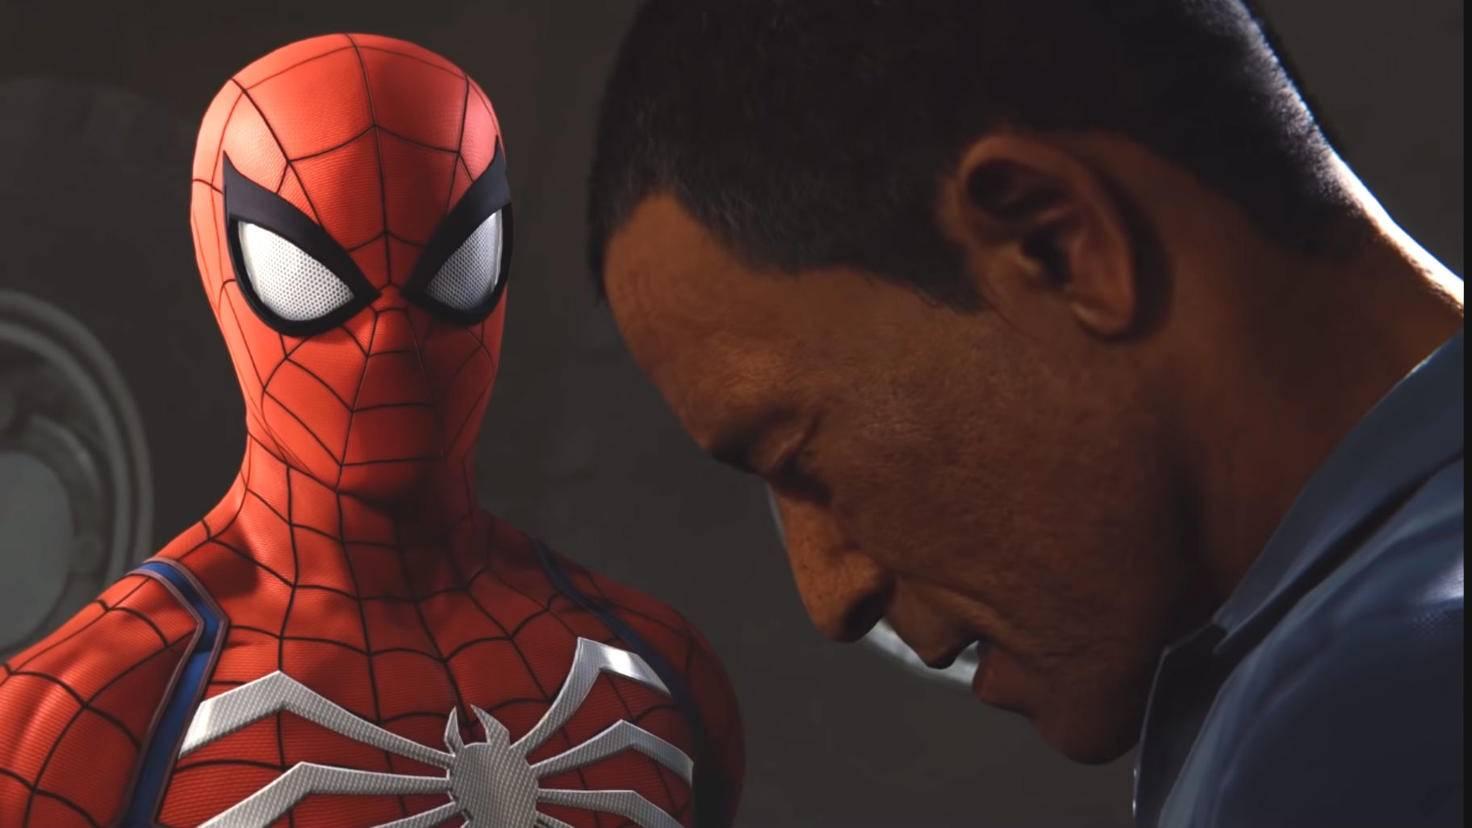 spider-man-ps4-morgan-michaels-screenshot